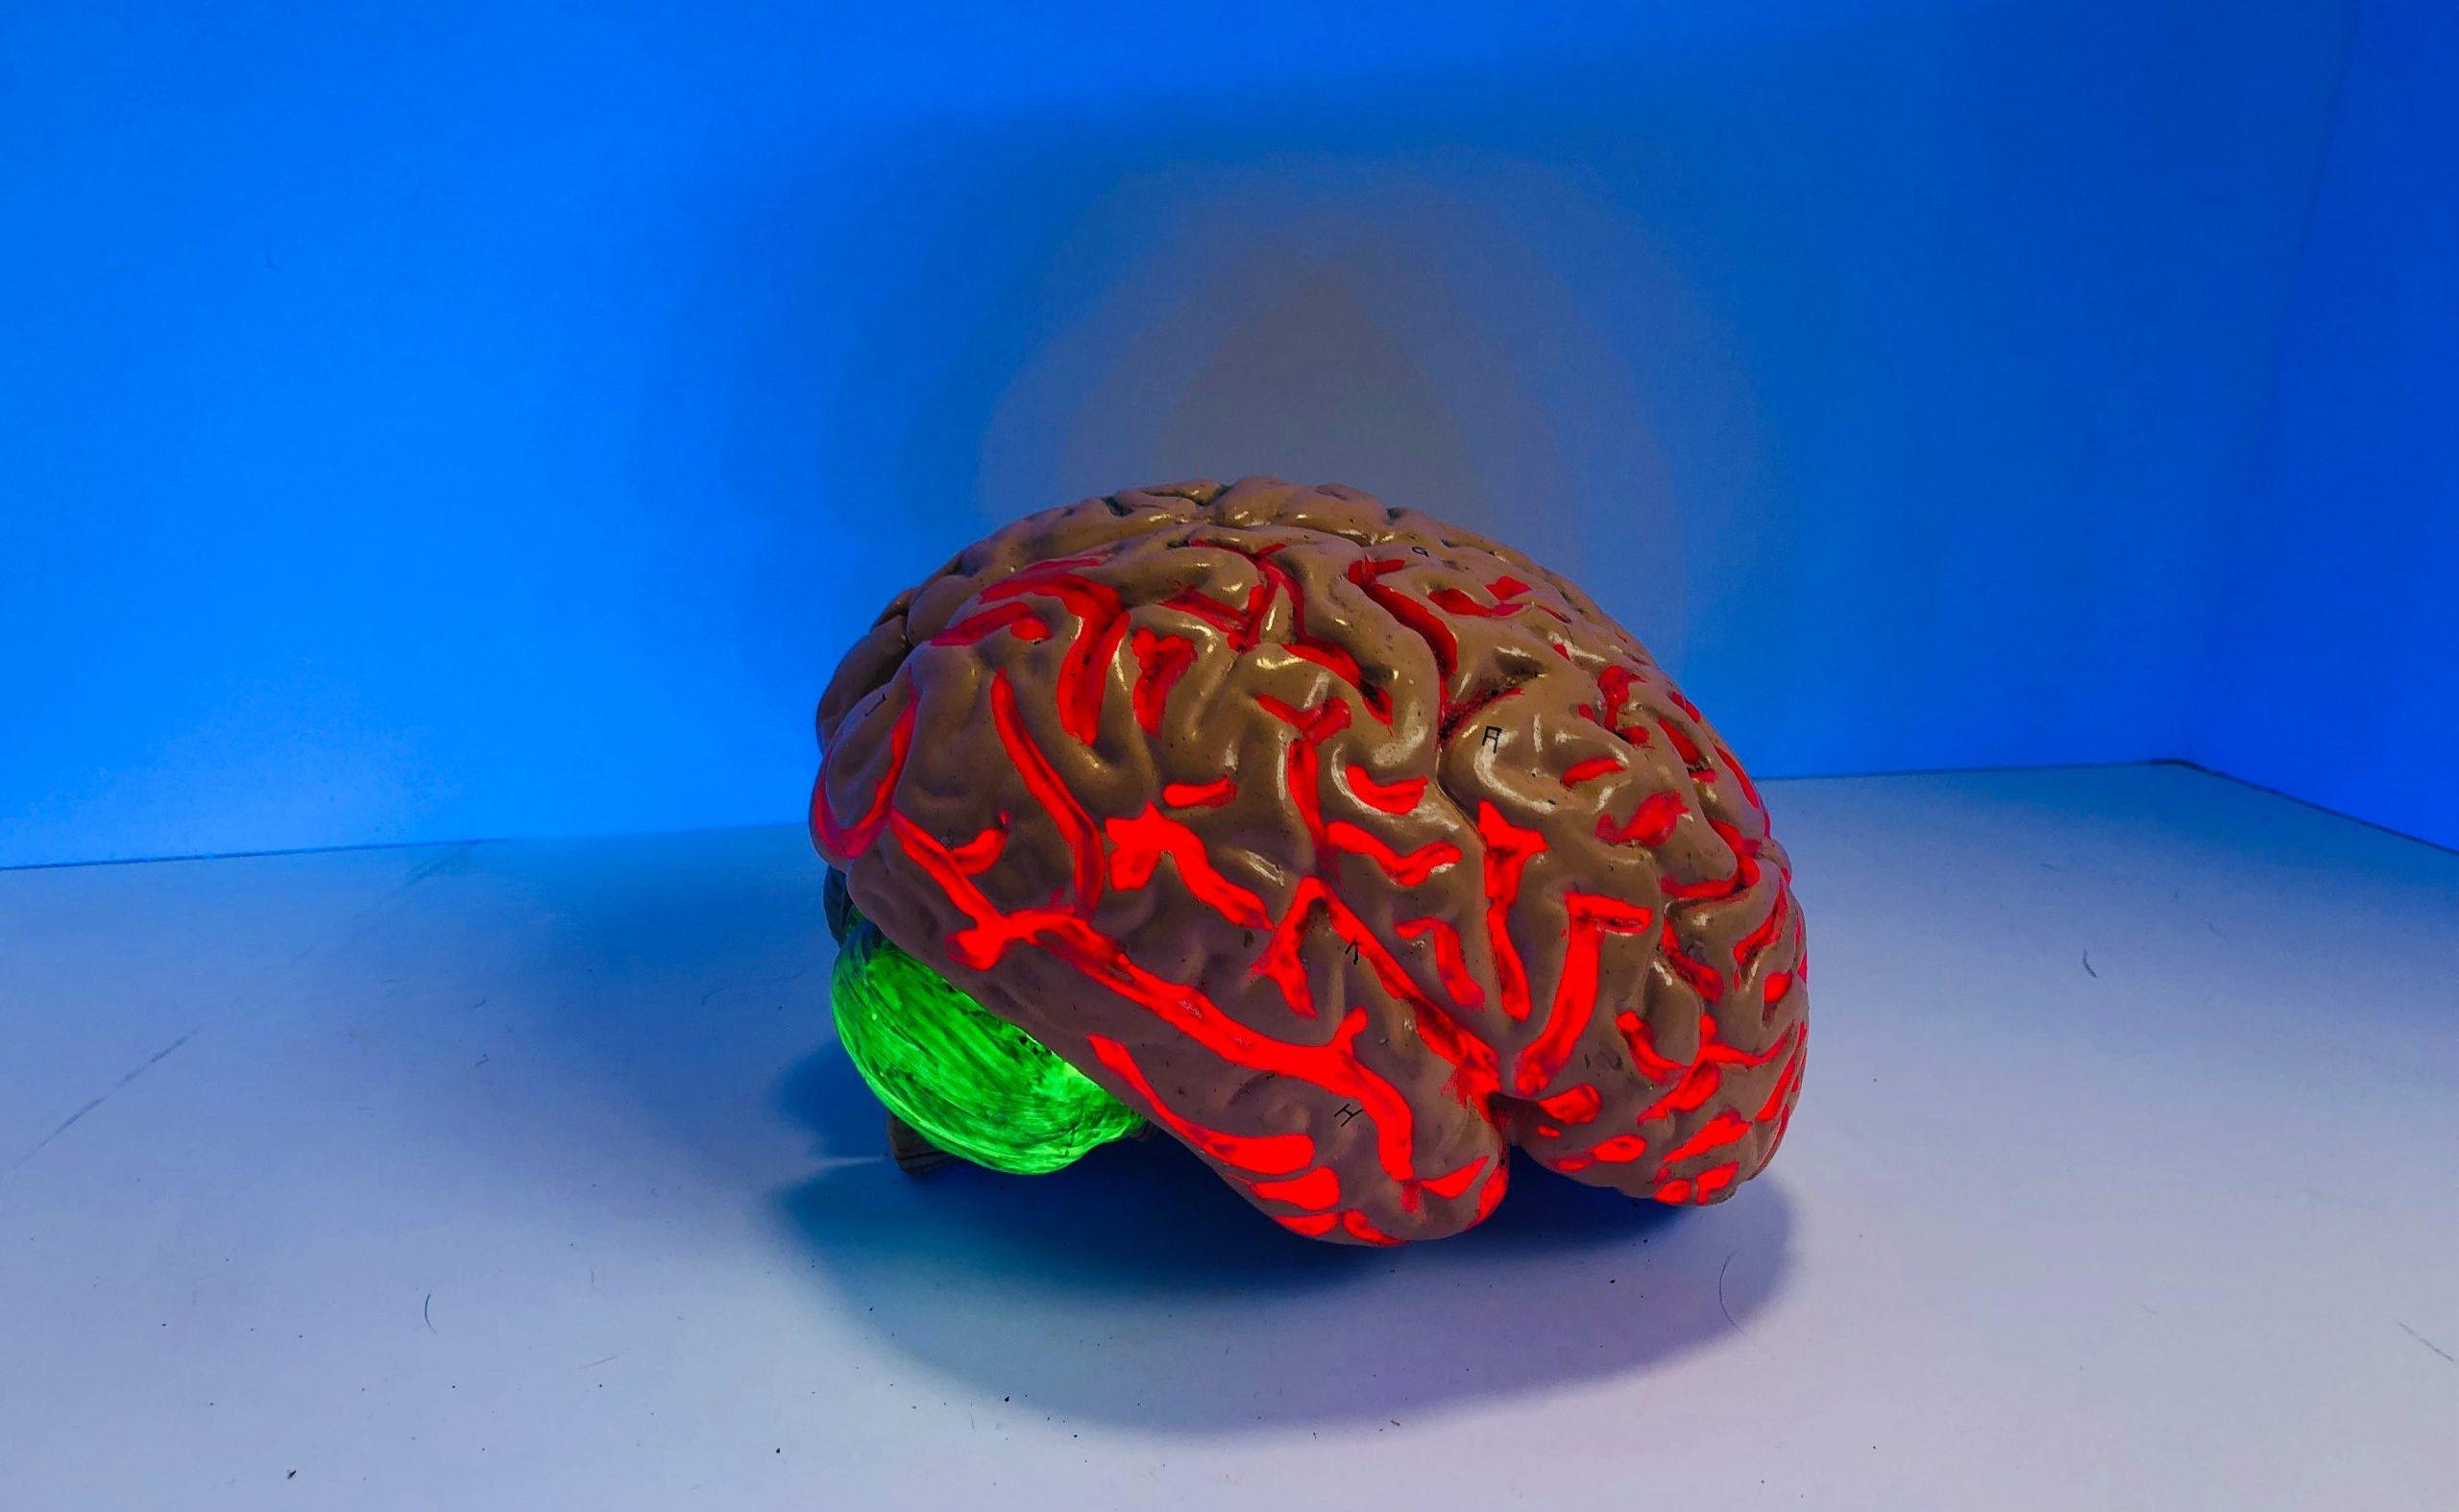 「意識のアップロード」はデジタル不死を実現するか?